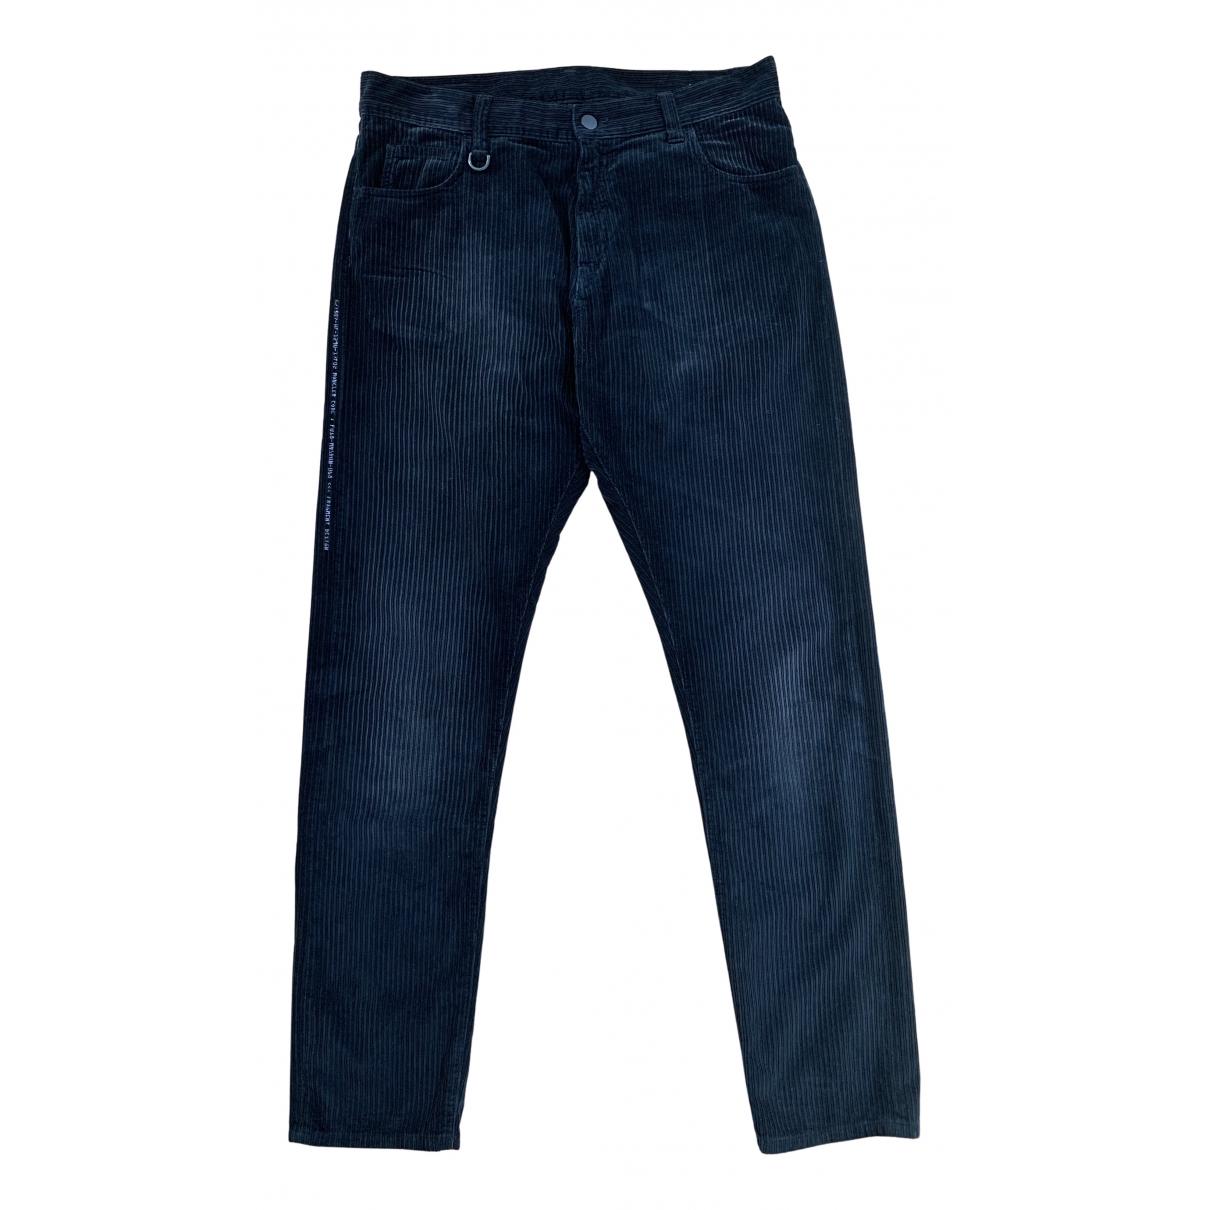 Moncler Genius Moncler n°7 Fragment Hiroshi Fujiwara Black Cotton Trousers for Men 48 IT